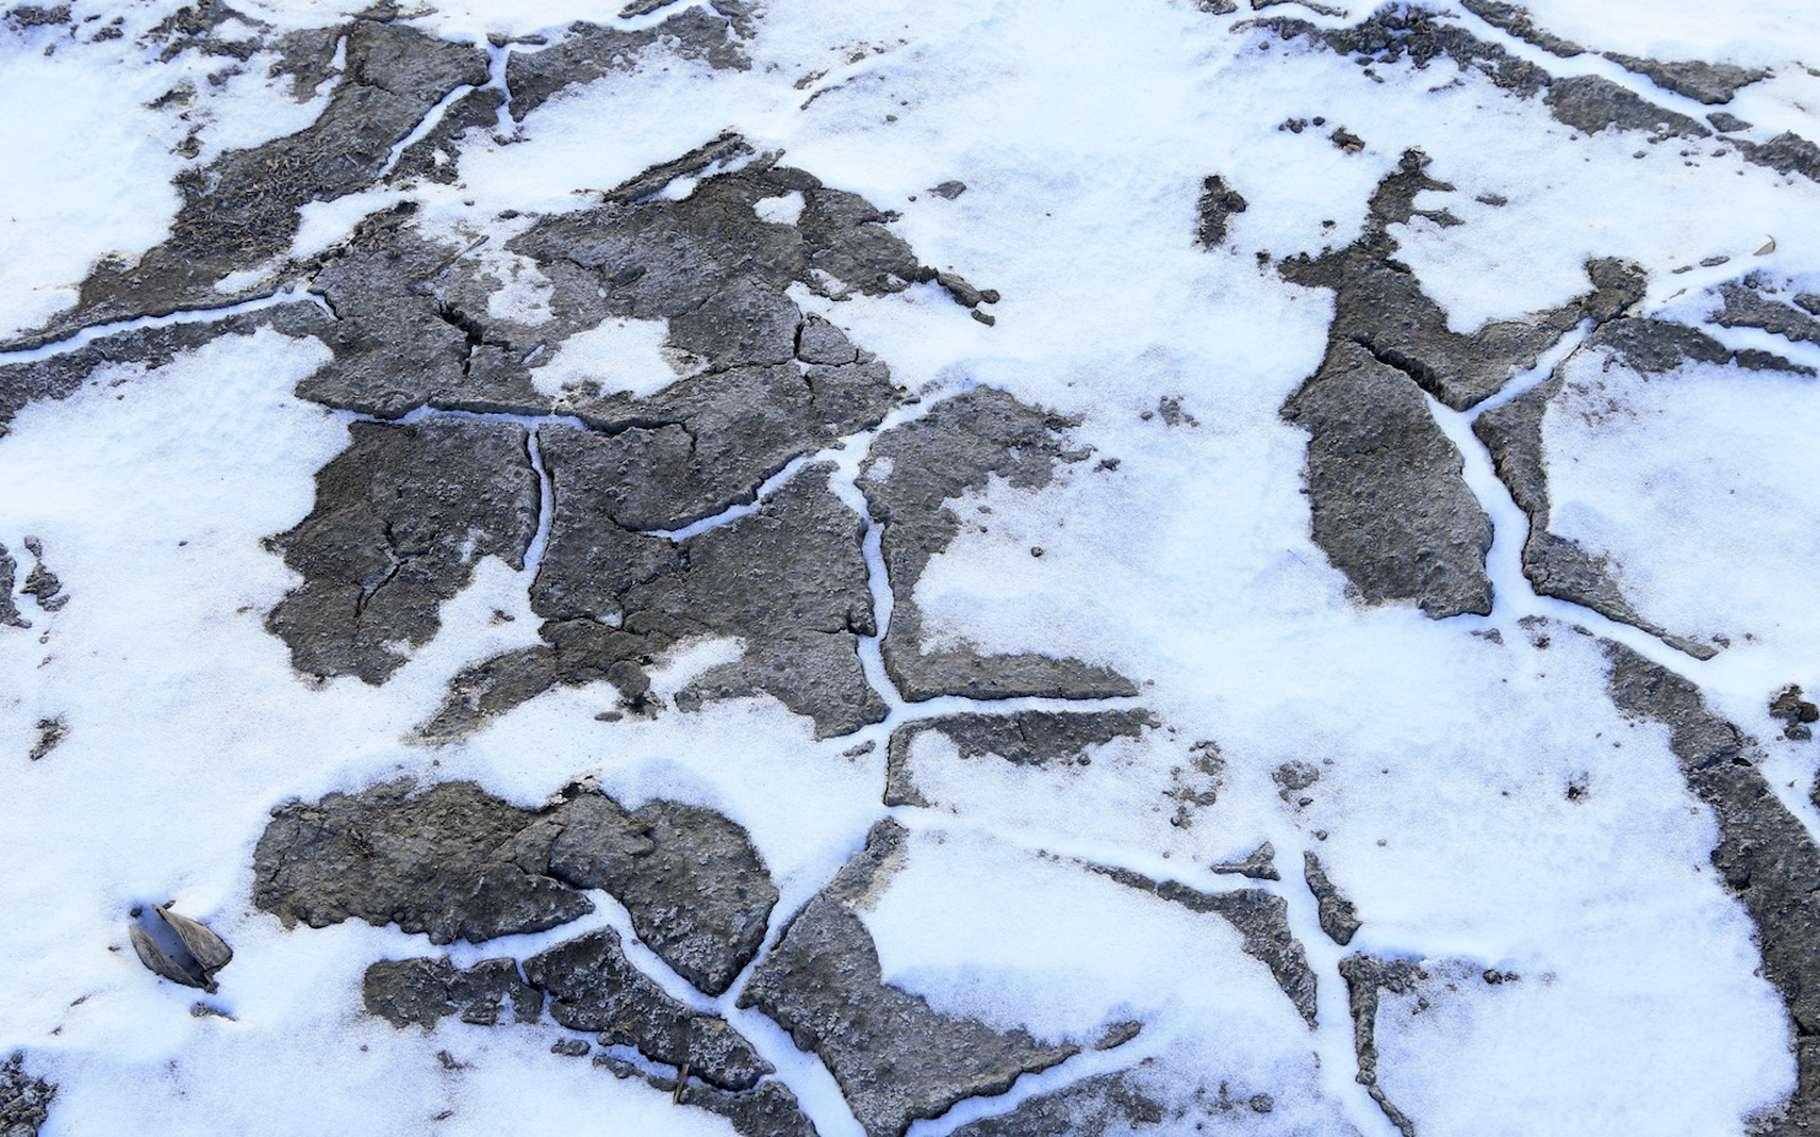 Une expédition a découvert que le permafrost des îles arctiques du Canada a commencé à fondre près de 70 ans plus tôt que prévu. © YuanGeng, Fotolia